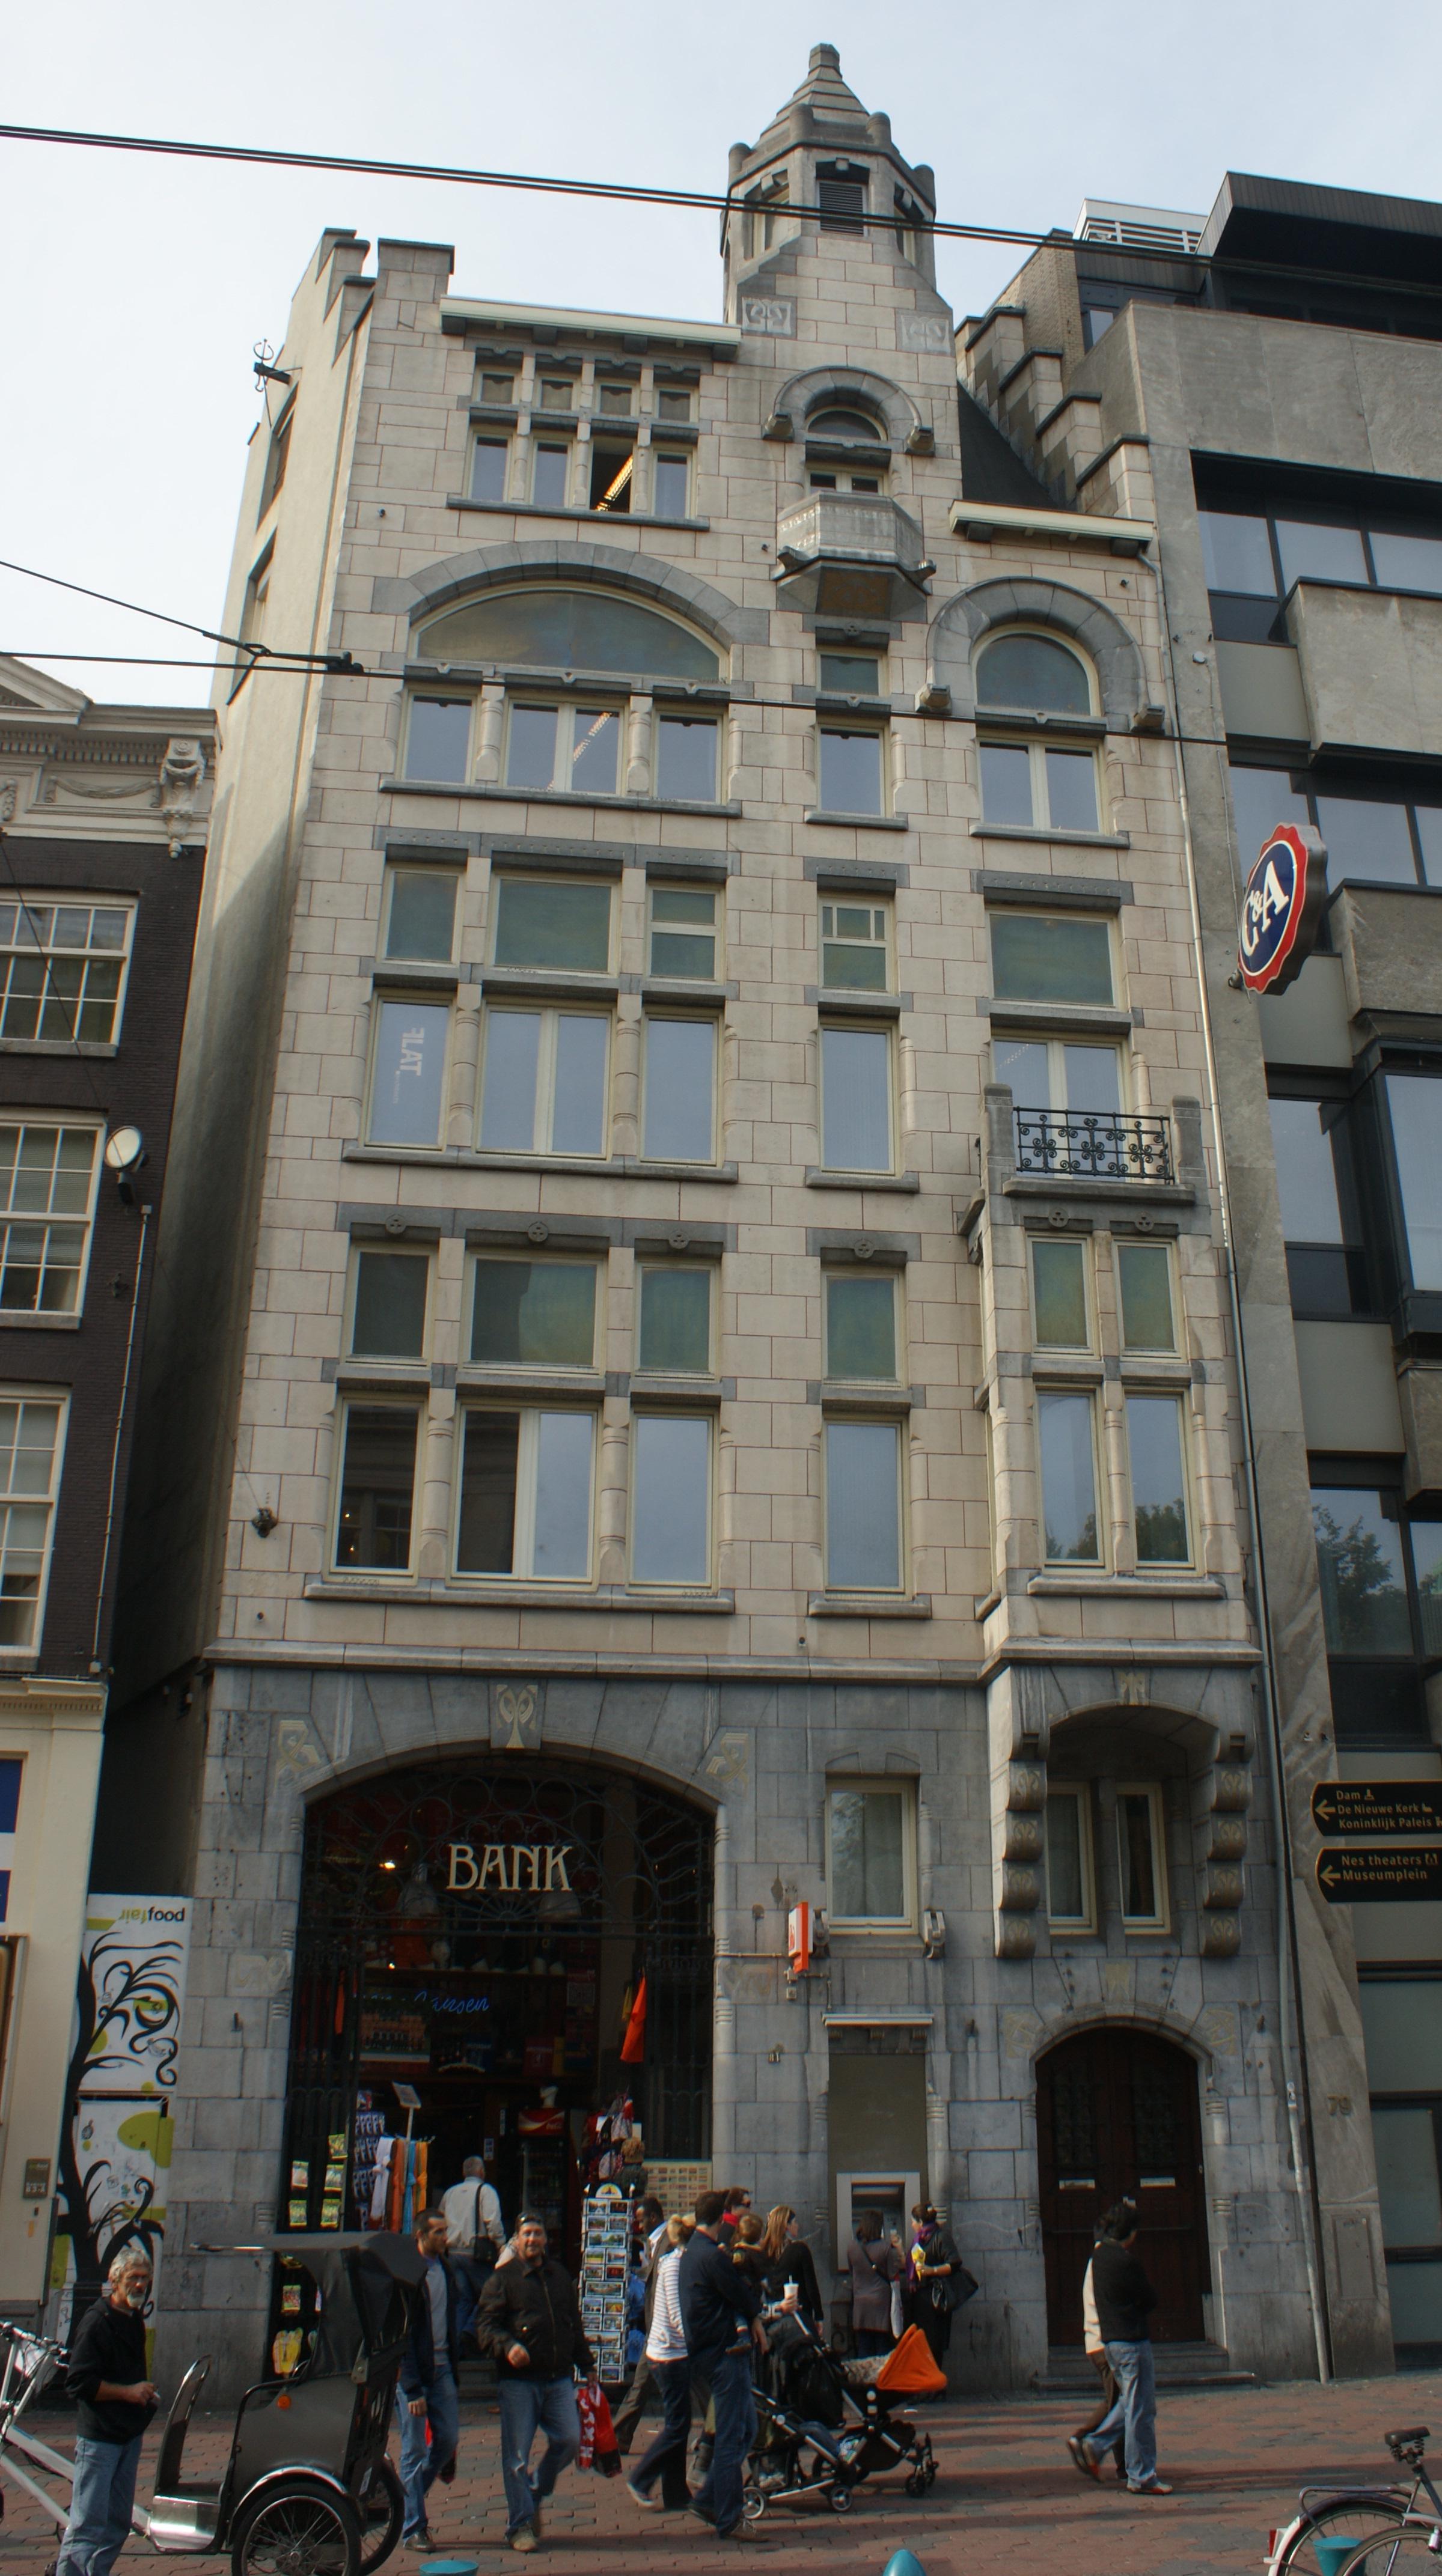 Stijl Van Amsterdam.Bankgebouw Naar Een Ontwerp In Een Sobere Art Nouveau Stijl